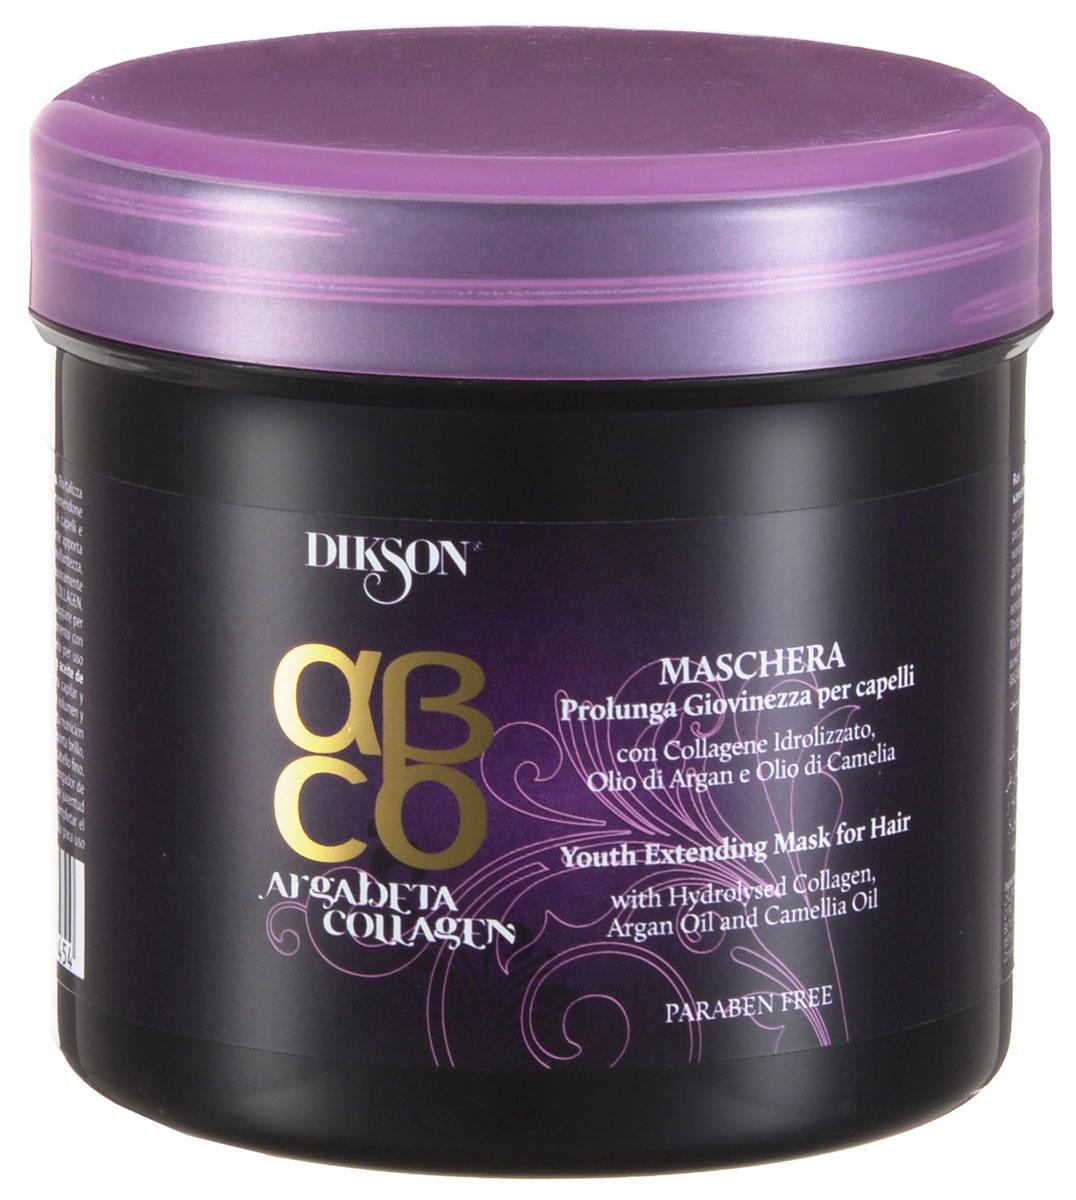 Dikson ArgaBeta Маска Продление молодости Collagene Mask 500 мл2452Питательная маска, которая подходит для всех типов волос. Она не утяжеляет волосы, упрочняя их. Имеет эффект восстановления и предотвращения преждевременного старения. Натуральный коллаген, который входит в состав маски, оказывает стимулирующее воздействие на собственный коллаген в клетках кожи. Аргановое масло, витамин Е действуют как антиоксидант, оказывают глубокую подпитку волосам, увлажняют их и укрепляют. Масло камелии прекрасно придает блеск, сияние и мягкость. Обладает ярко выраженным эффектом при аллергии и перхоти.